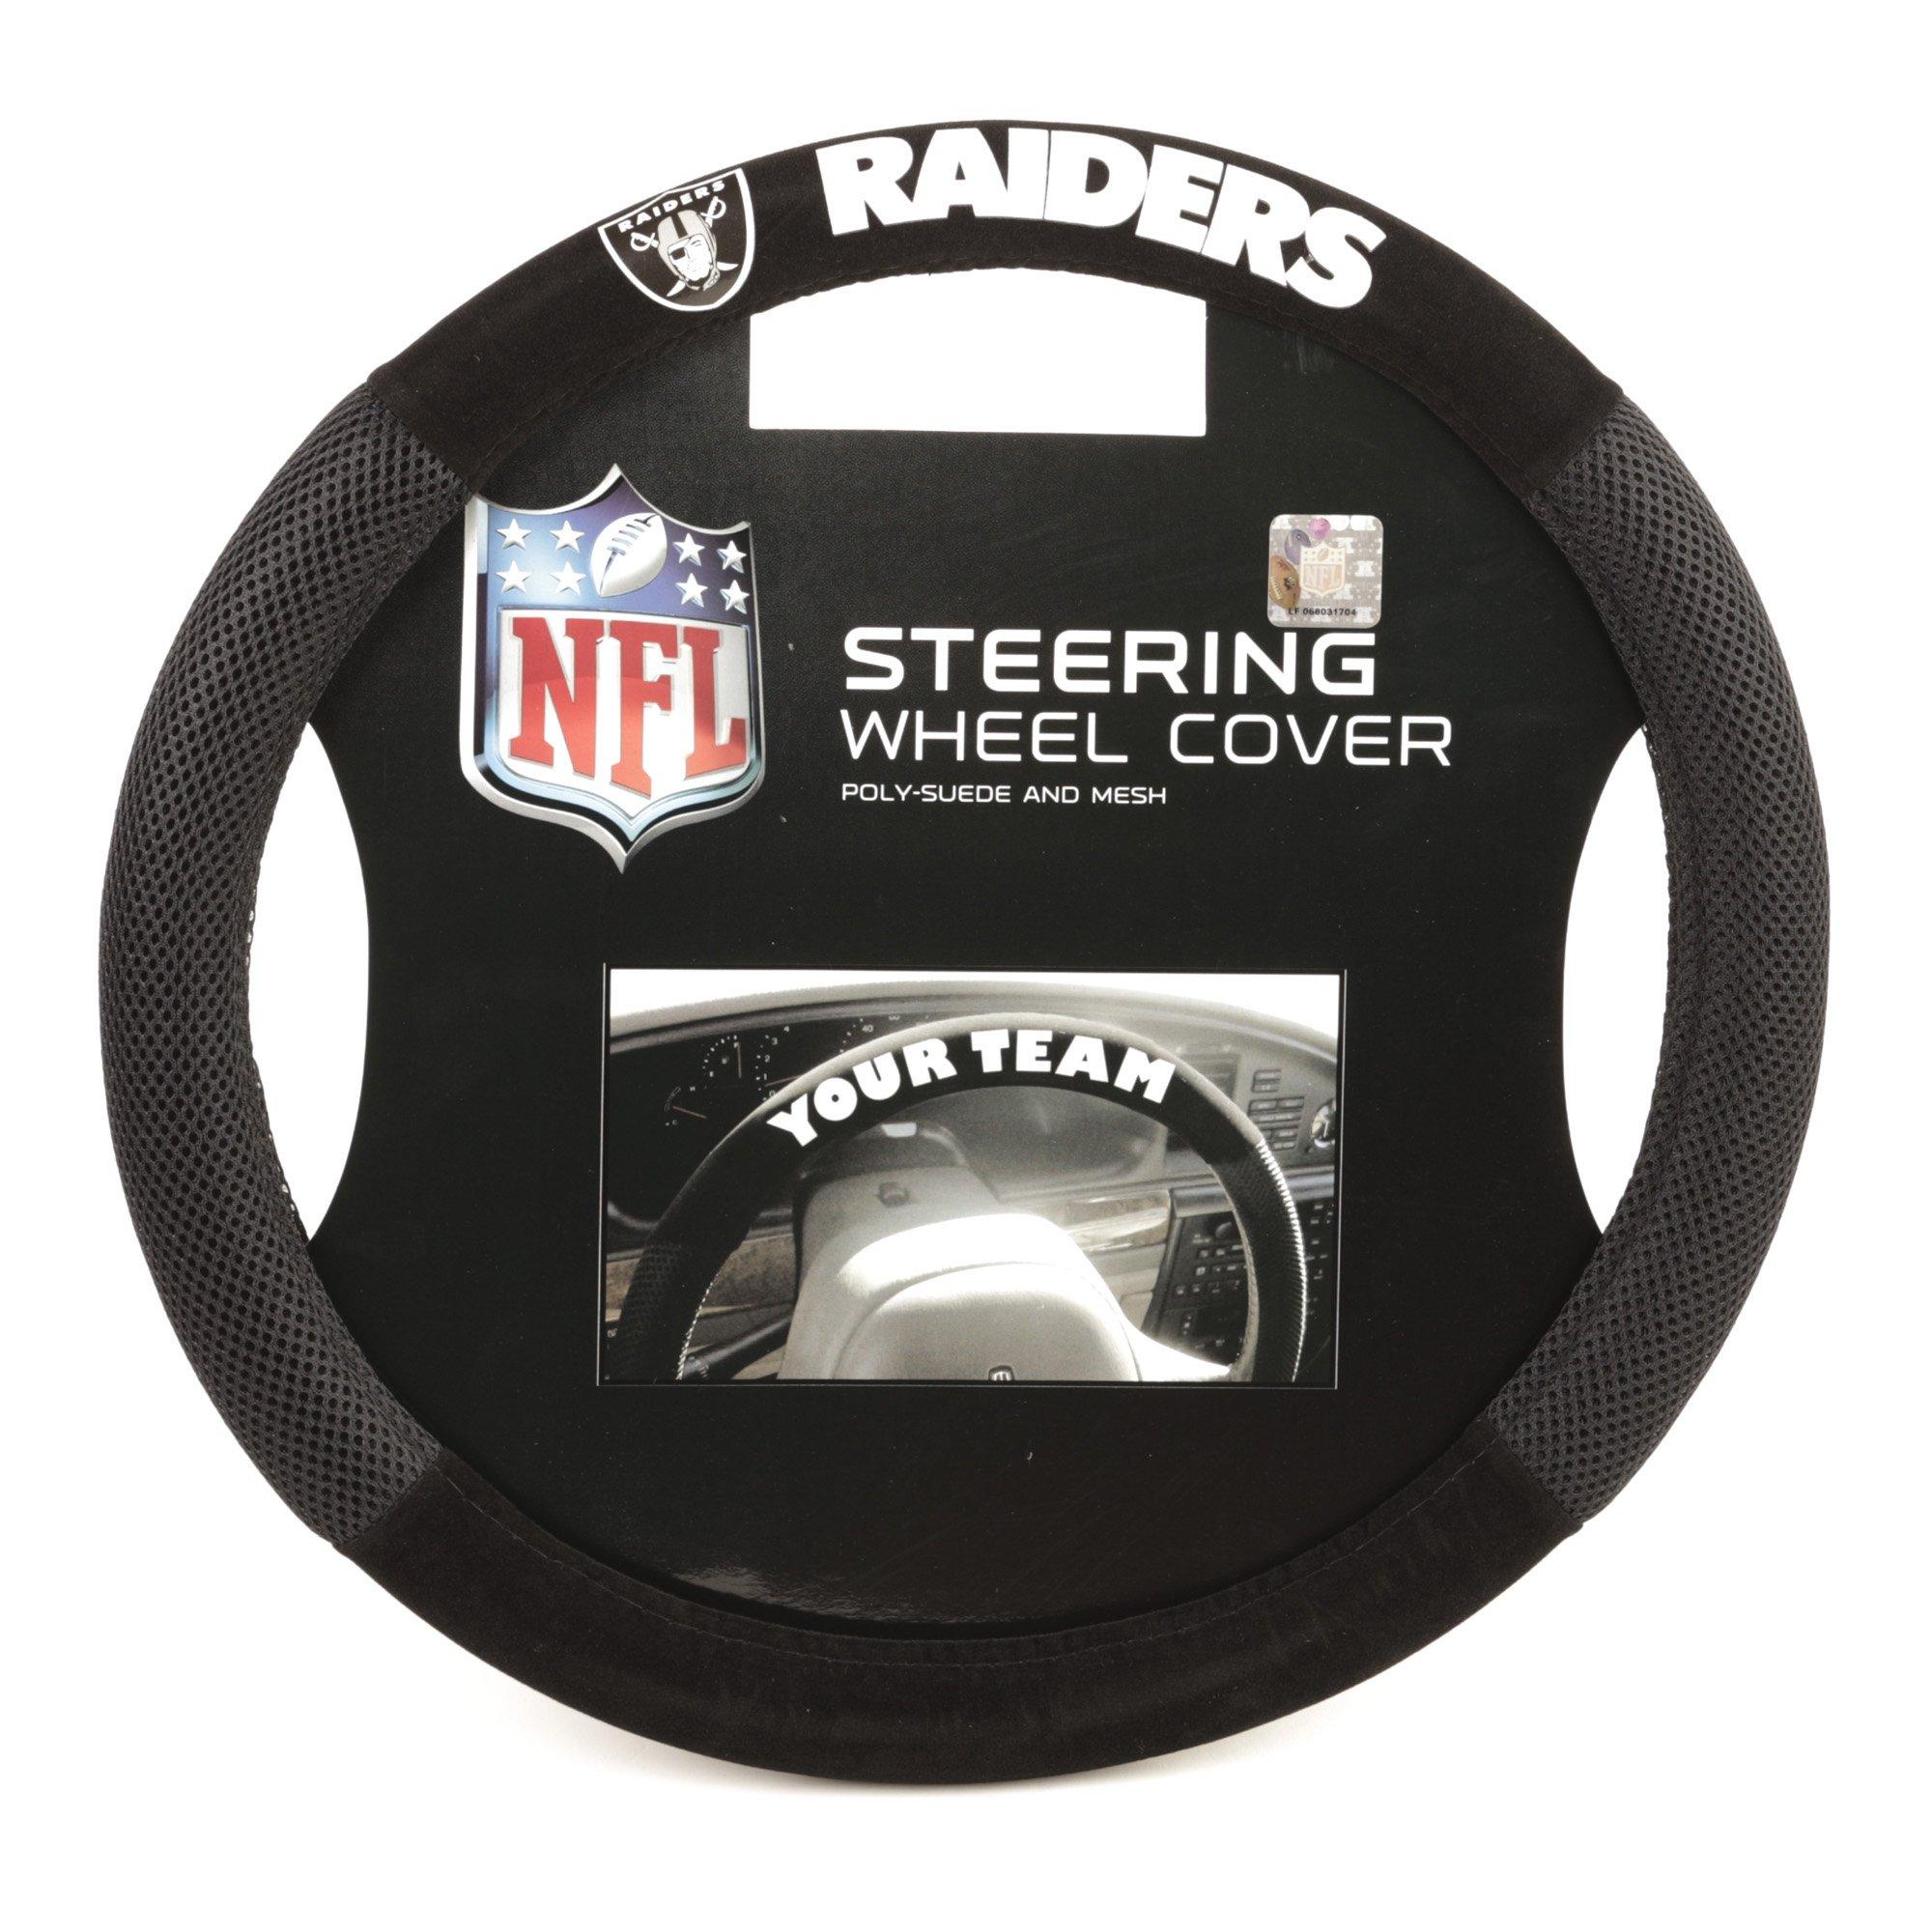 Fremont Die NFL Oakland Raiders Poly-Suede Steering Wheel Cover